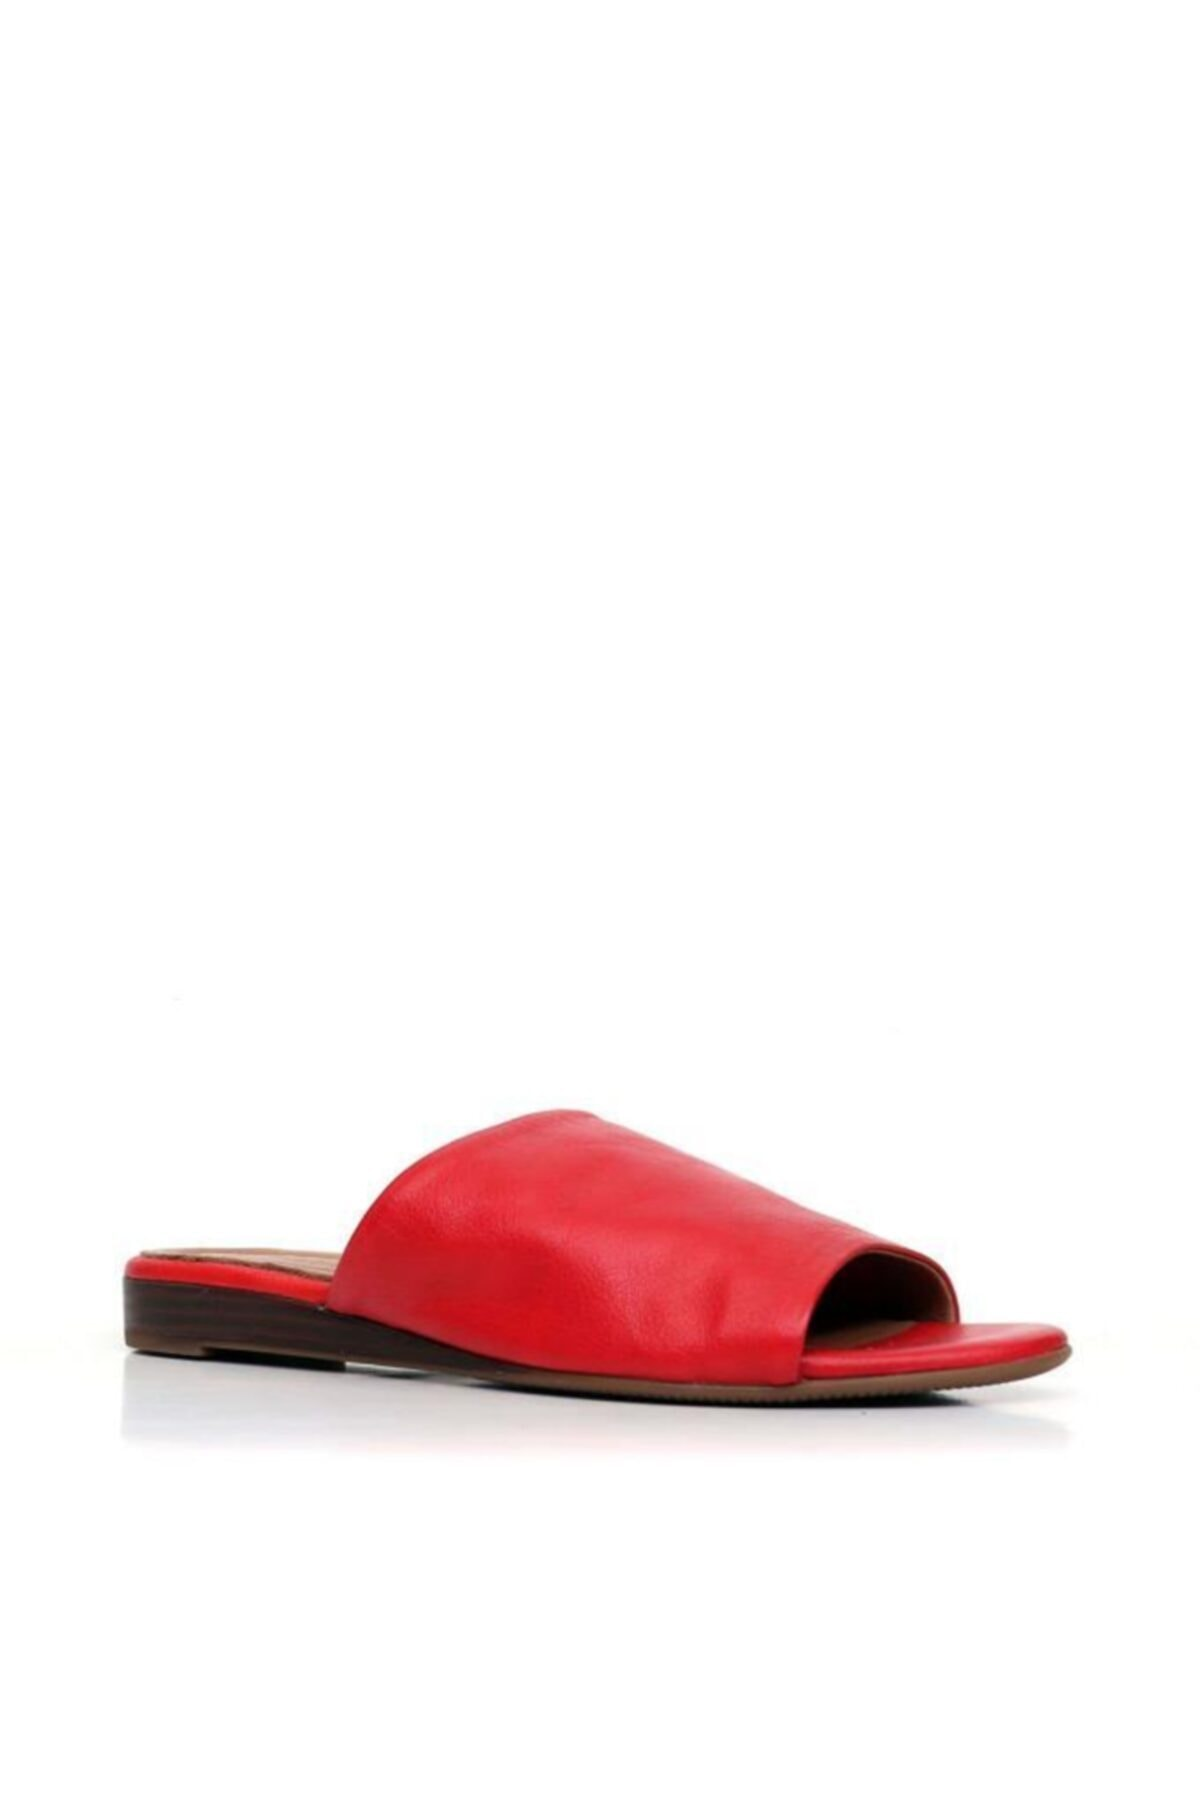 BUENO Shoes Lastik Detaylı Hakiki Deri Kadın Düz Terlik 9n1901 2